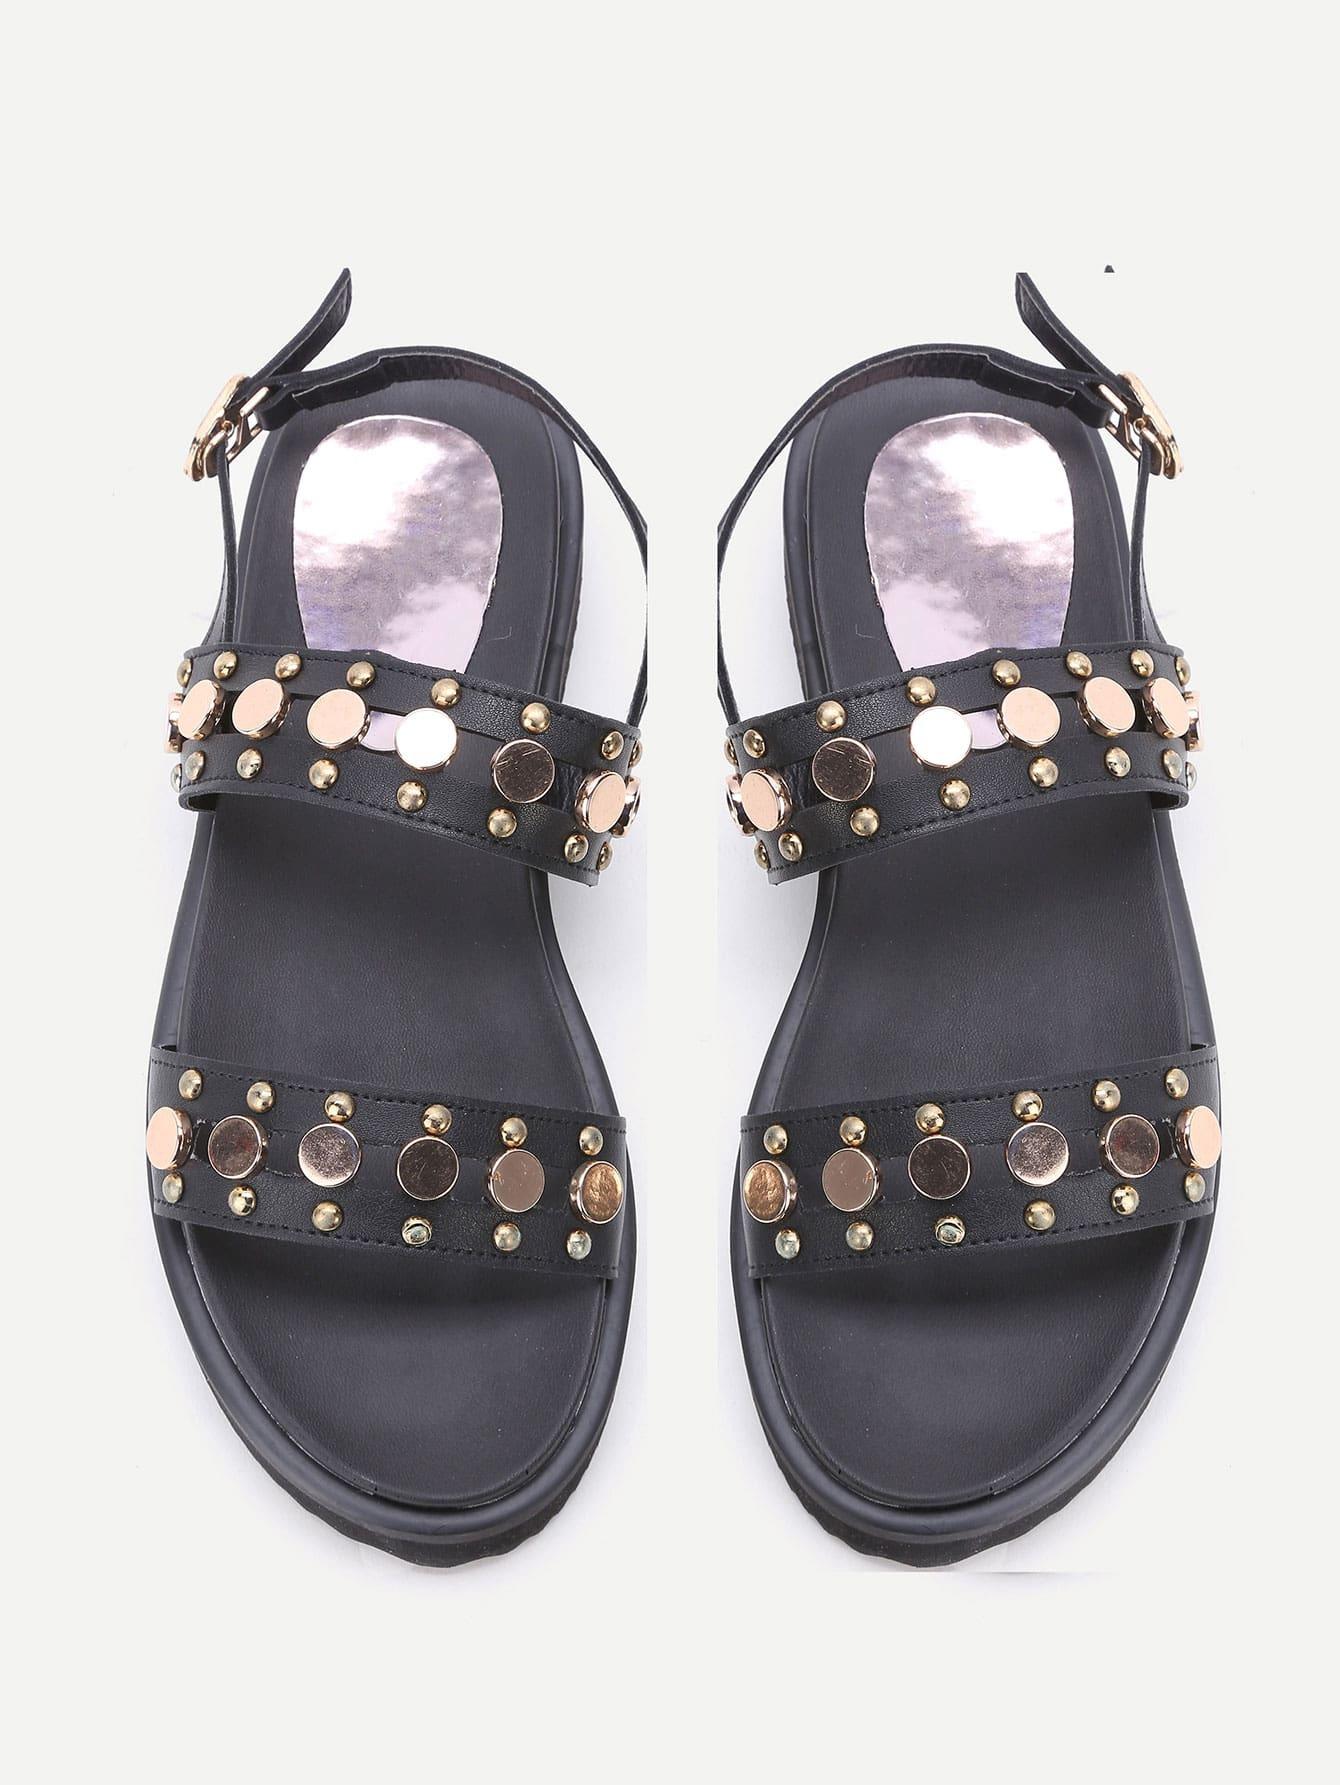 shoes170316803_2